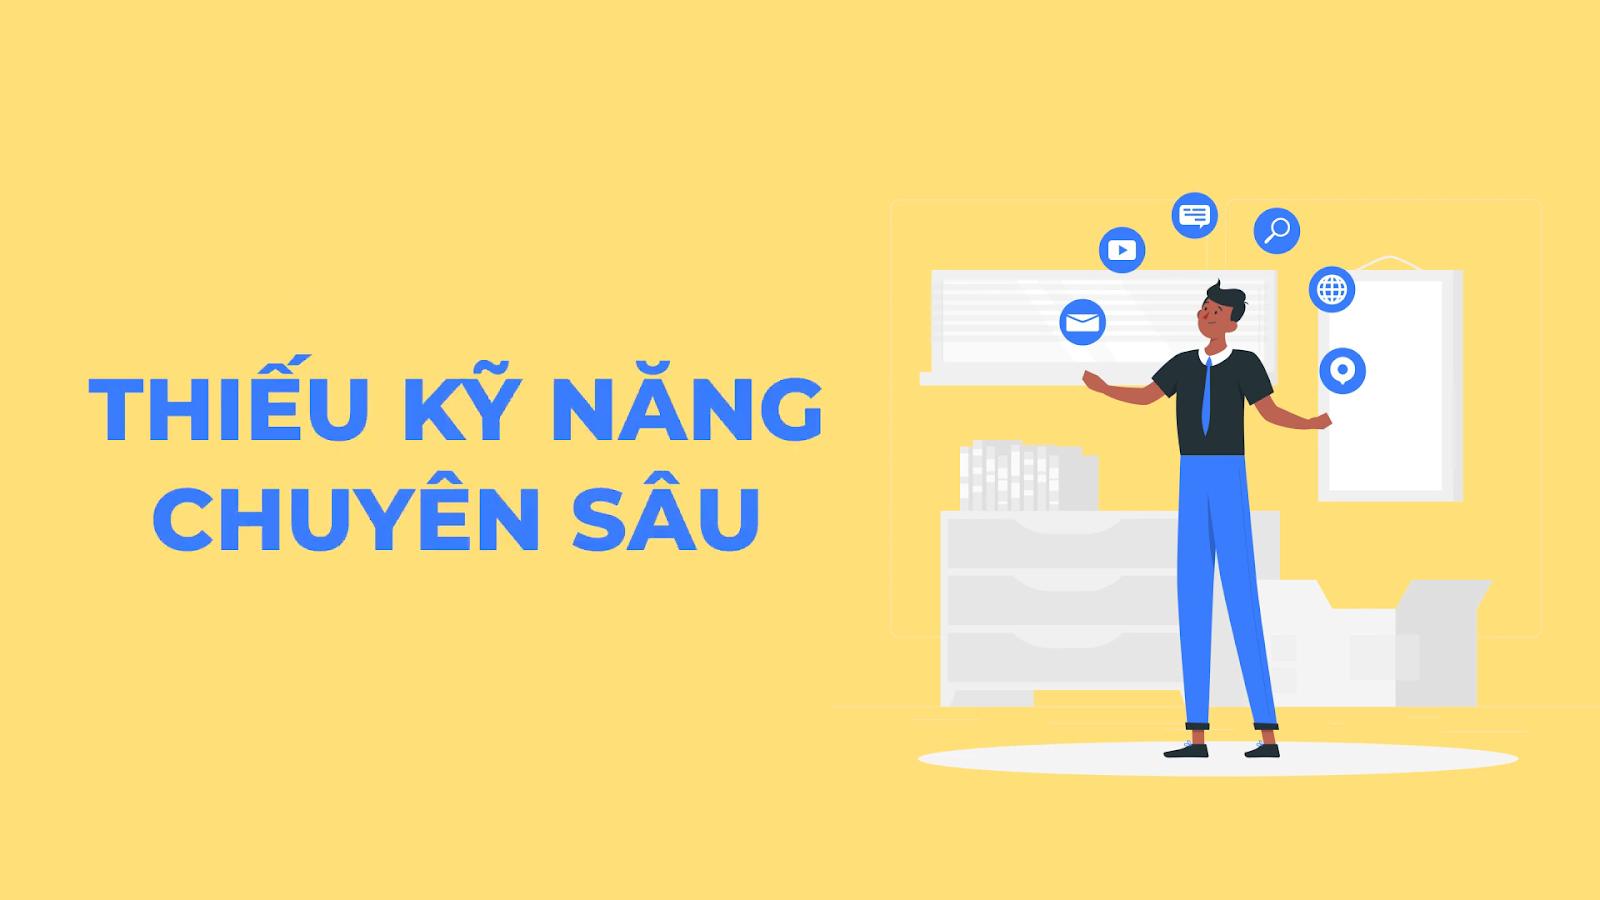 bo-phan-in-house-se-thieu-ky-nang-chuyen-sau-trong-mot-so-mang-cua-marketing-bat-dong-san